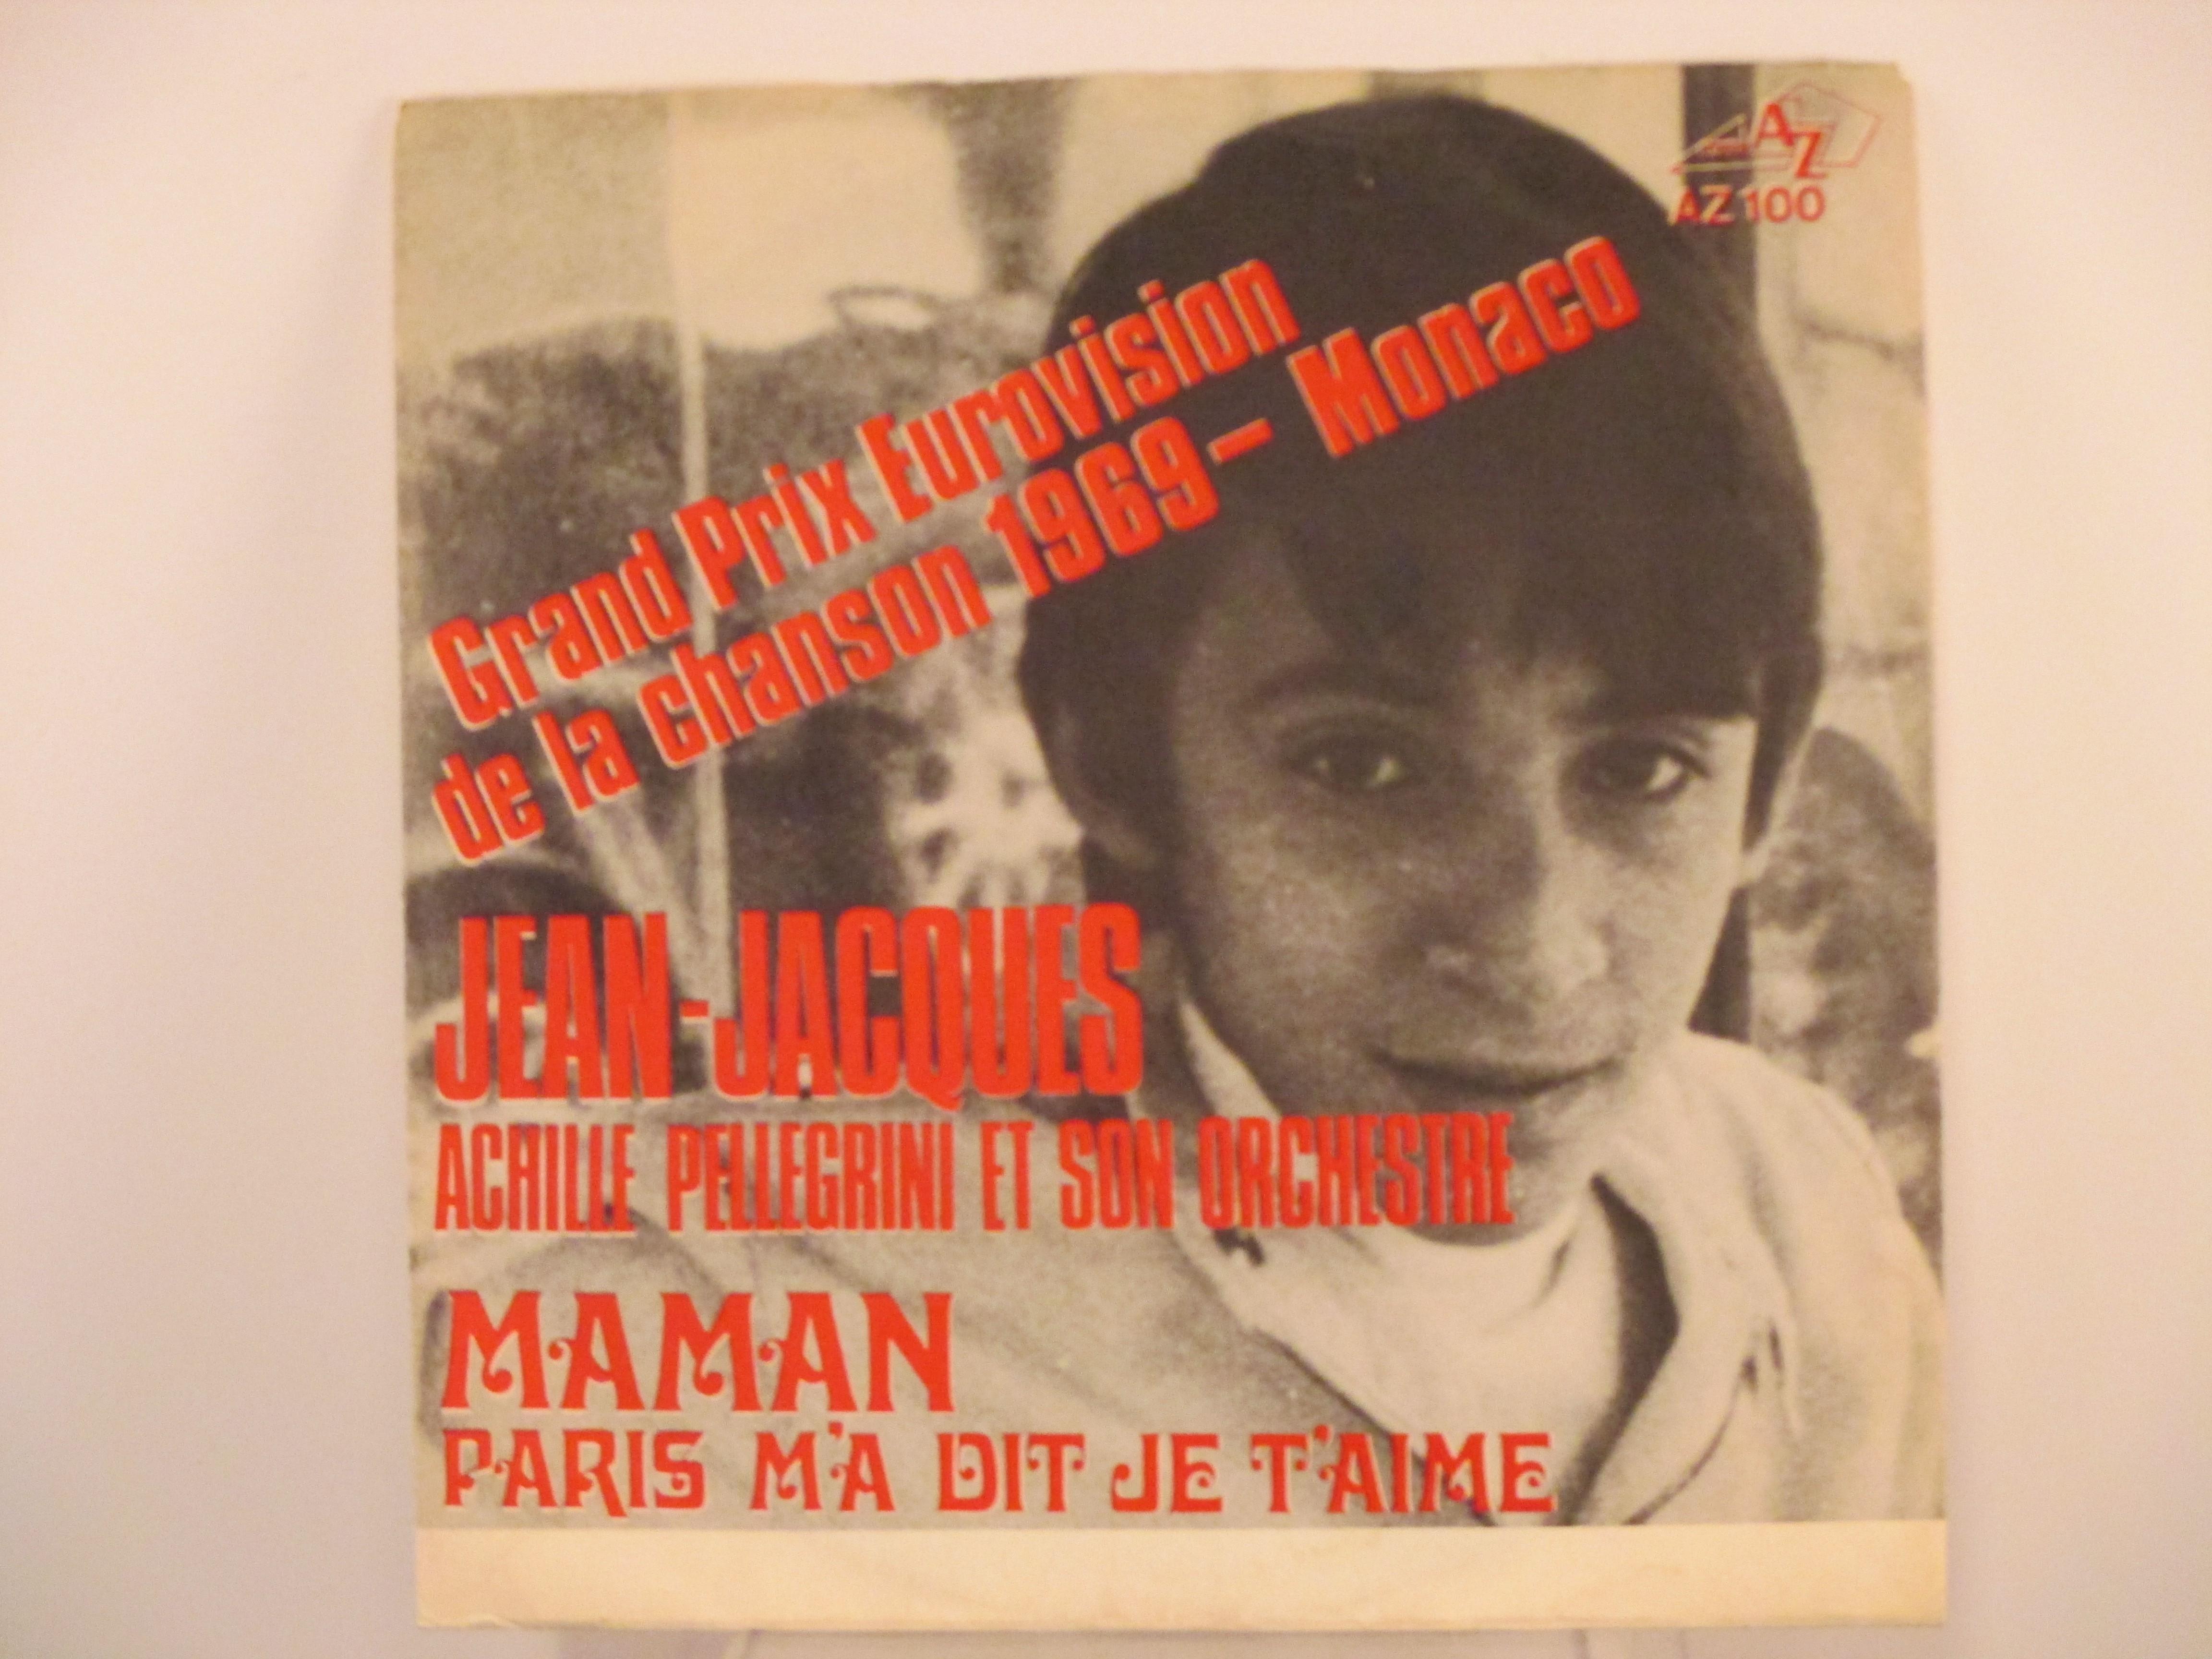 JEAN-JACQUES : Maman / Paris m'a dit je t'aime